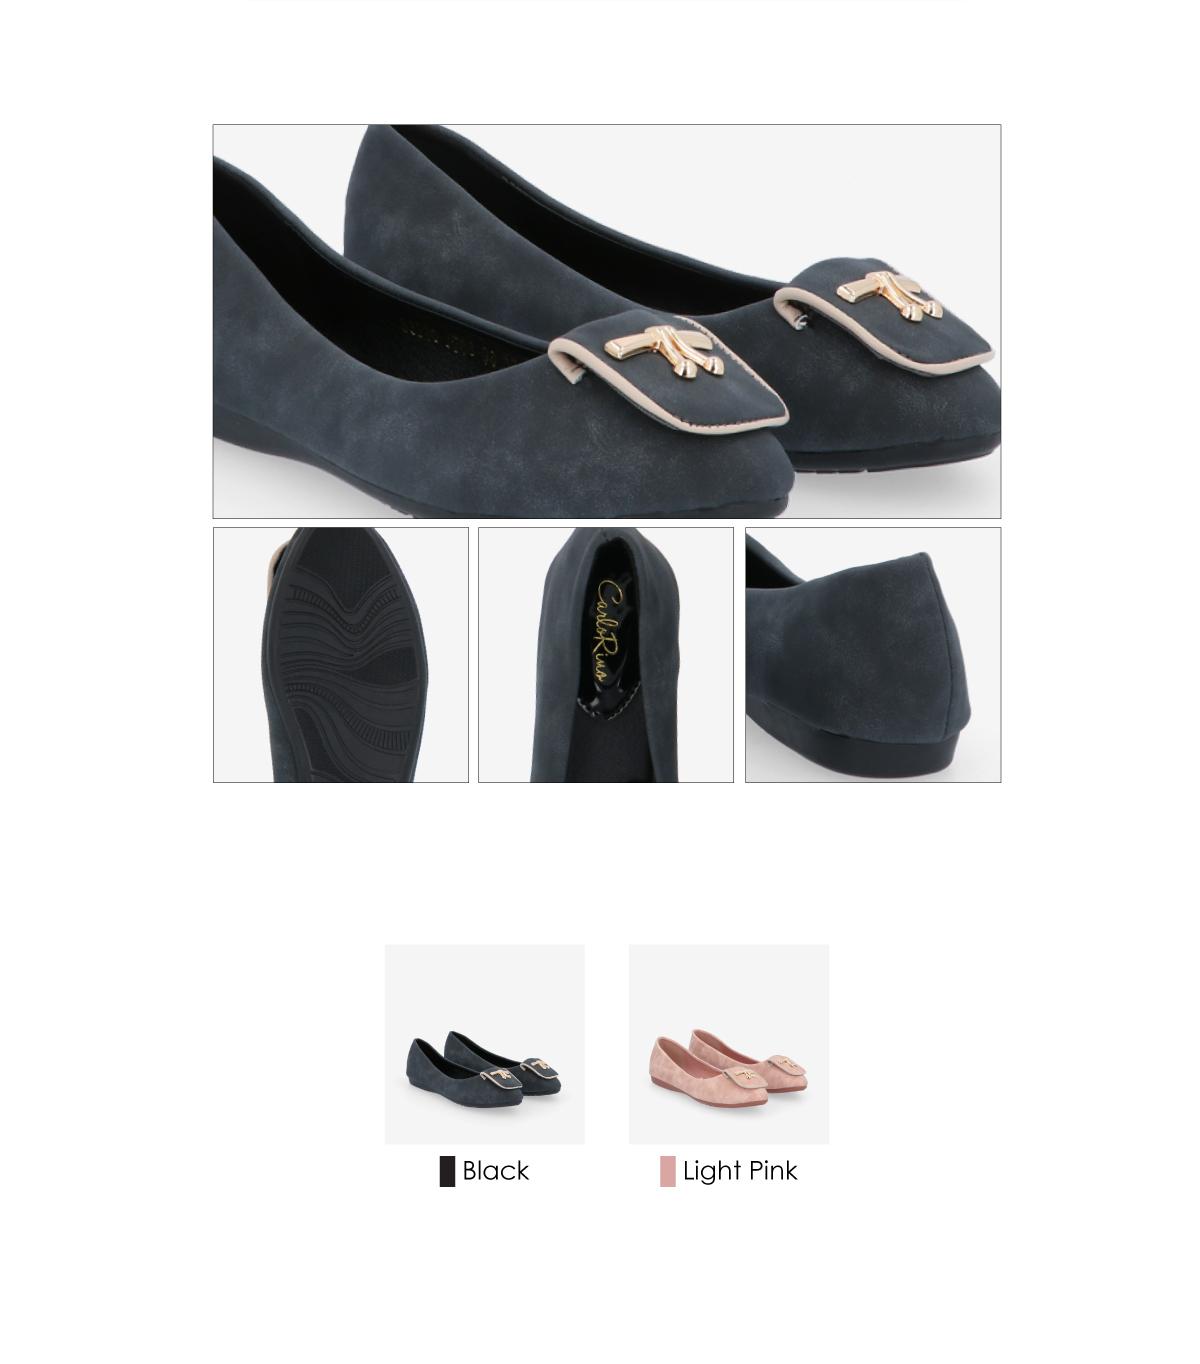 33320 J008 3 - Twinkle Toes Suede Ballerina